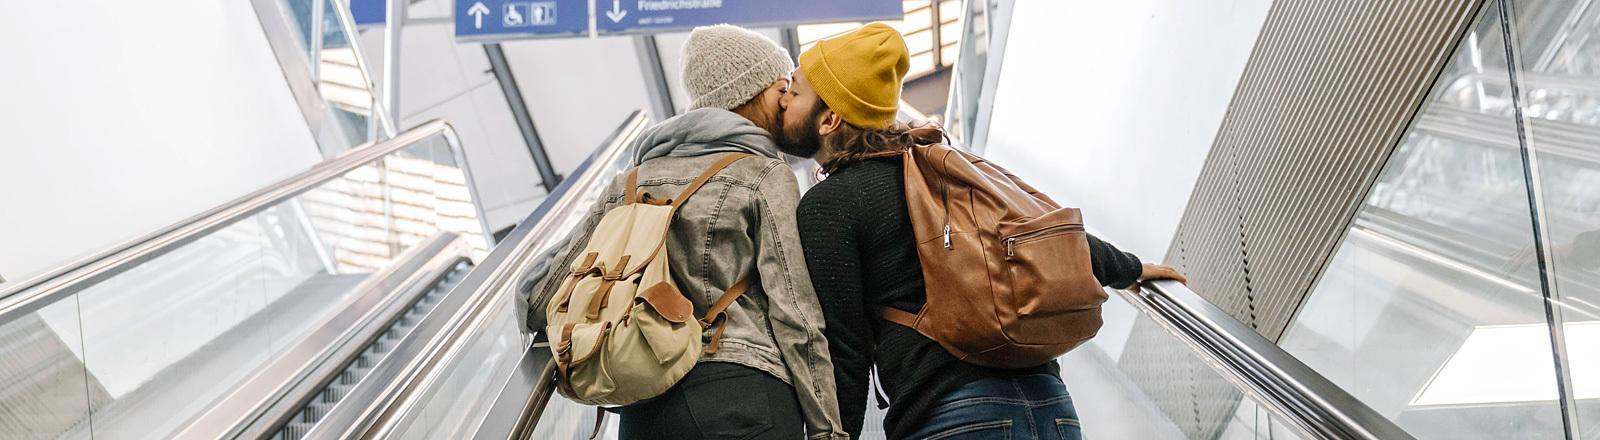 Kuss auf der Rolltreppe